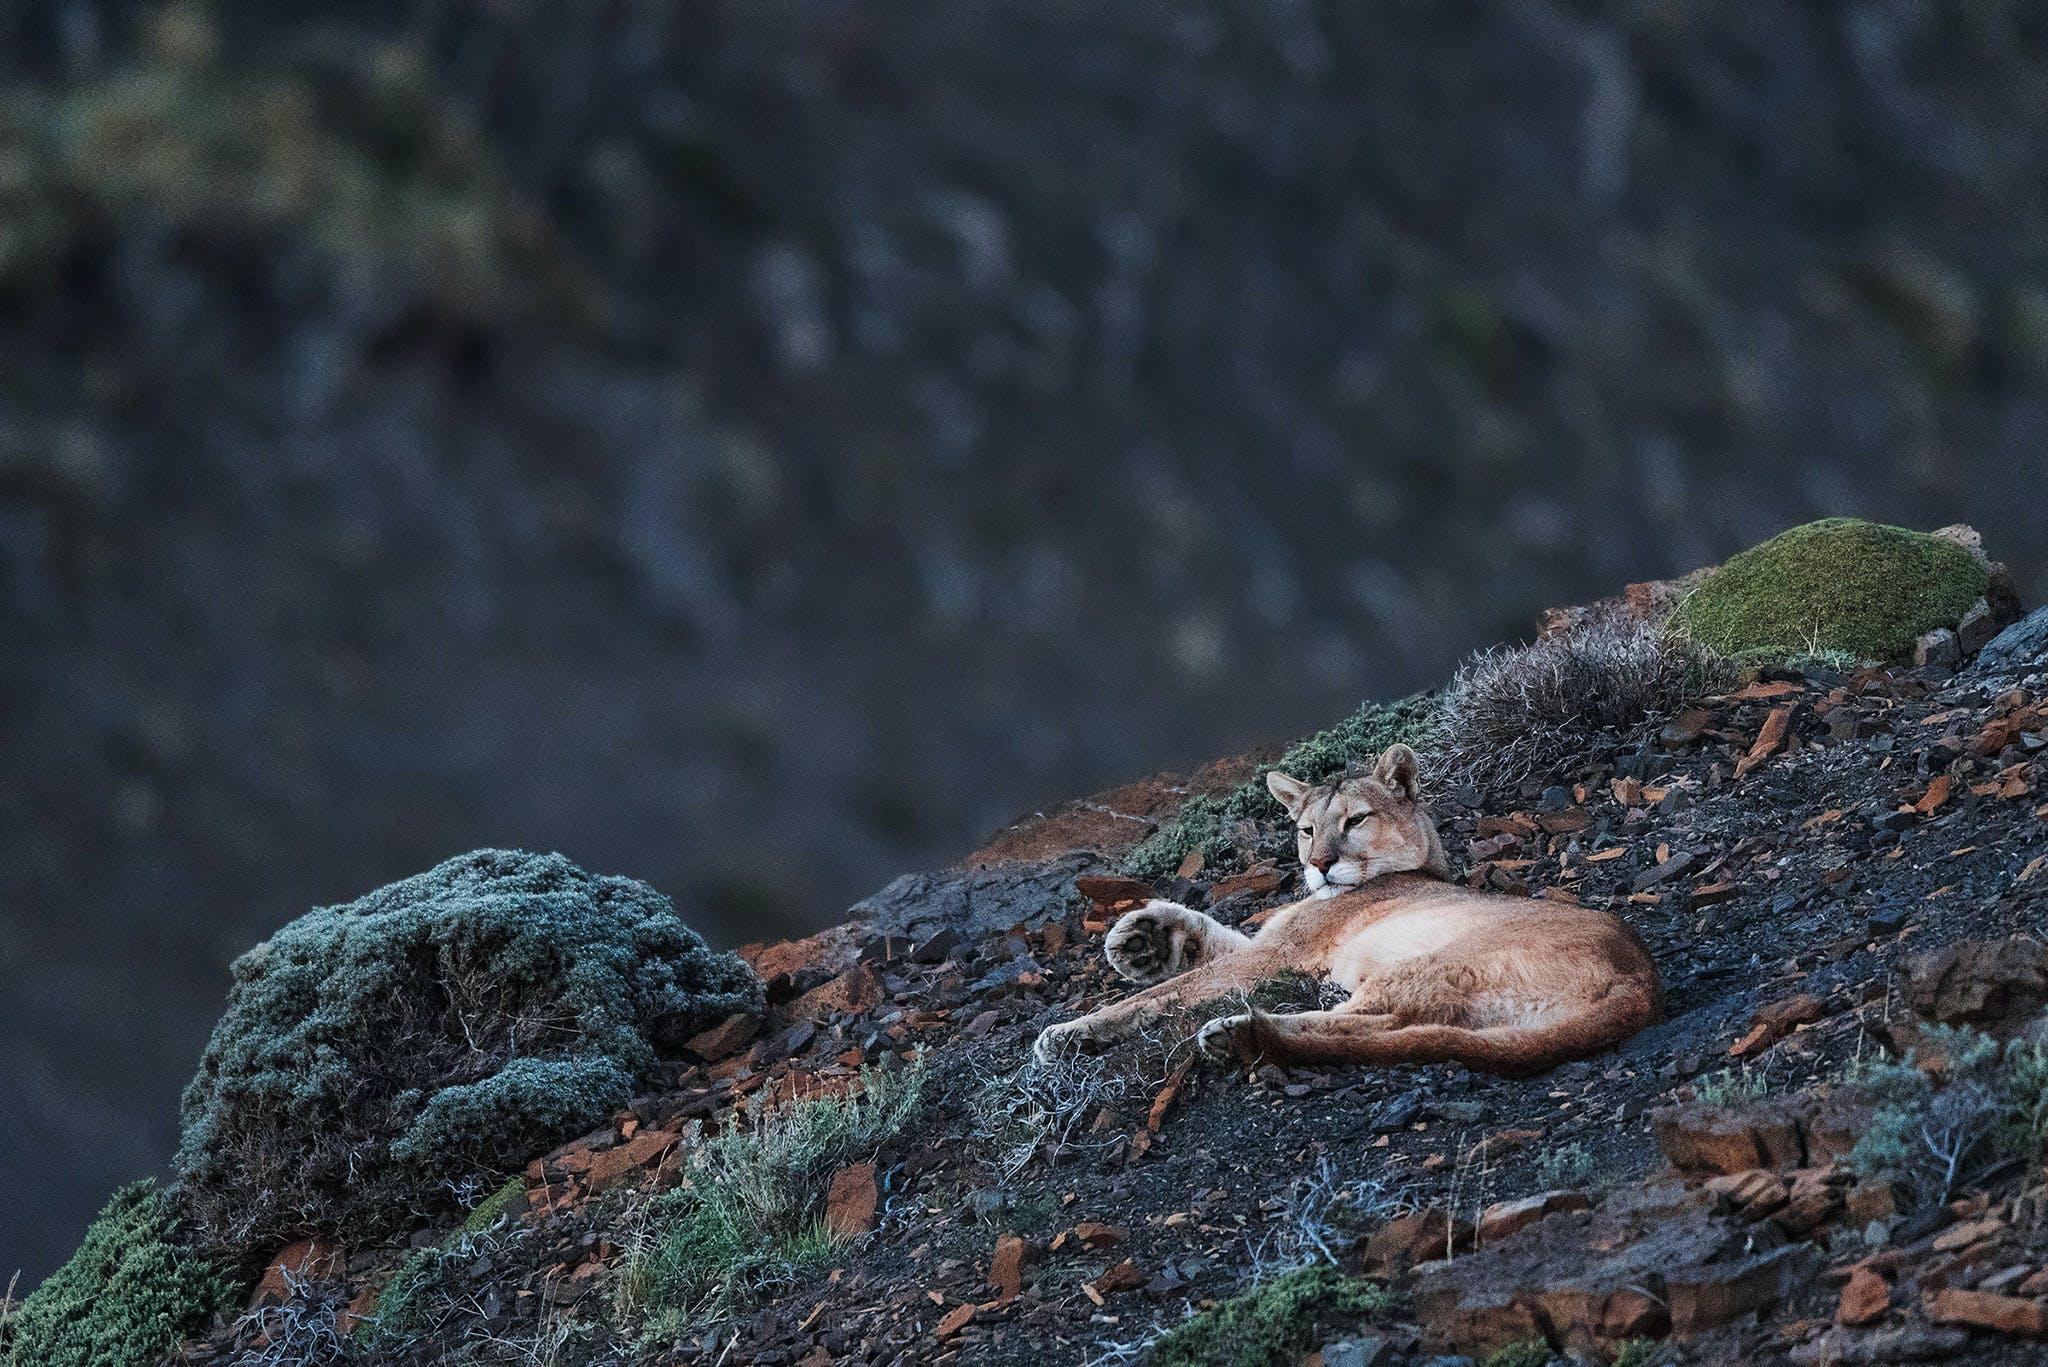 leonardopapera-wildlifephotographytips2.jpg